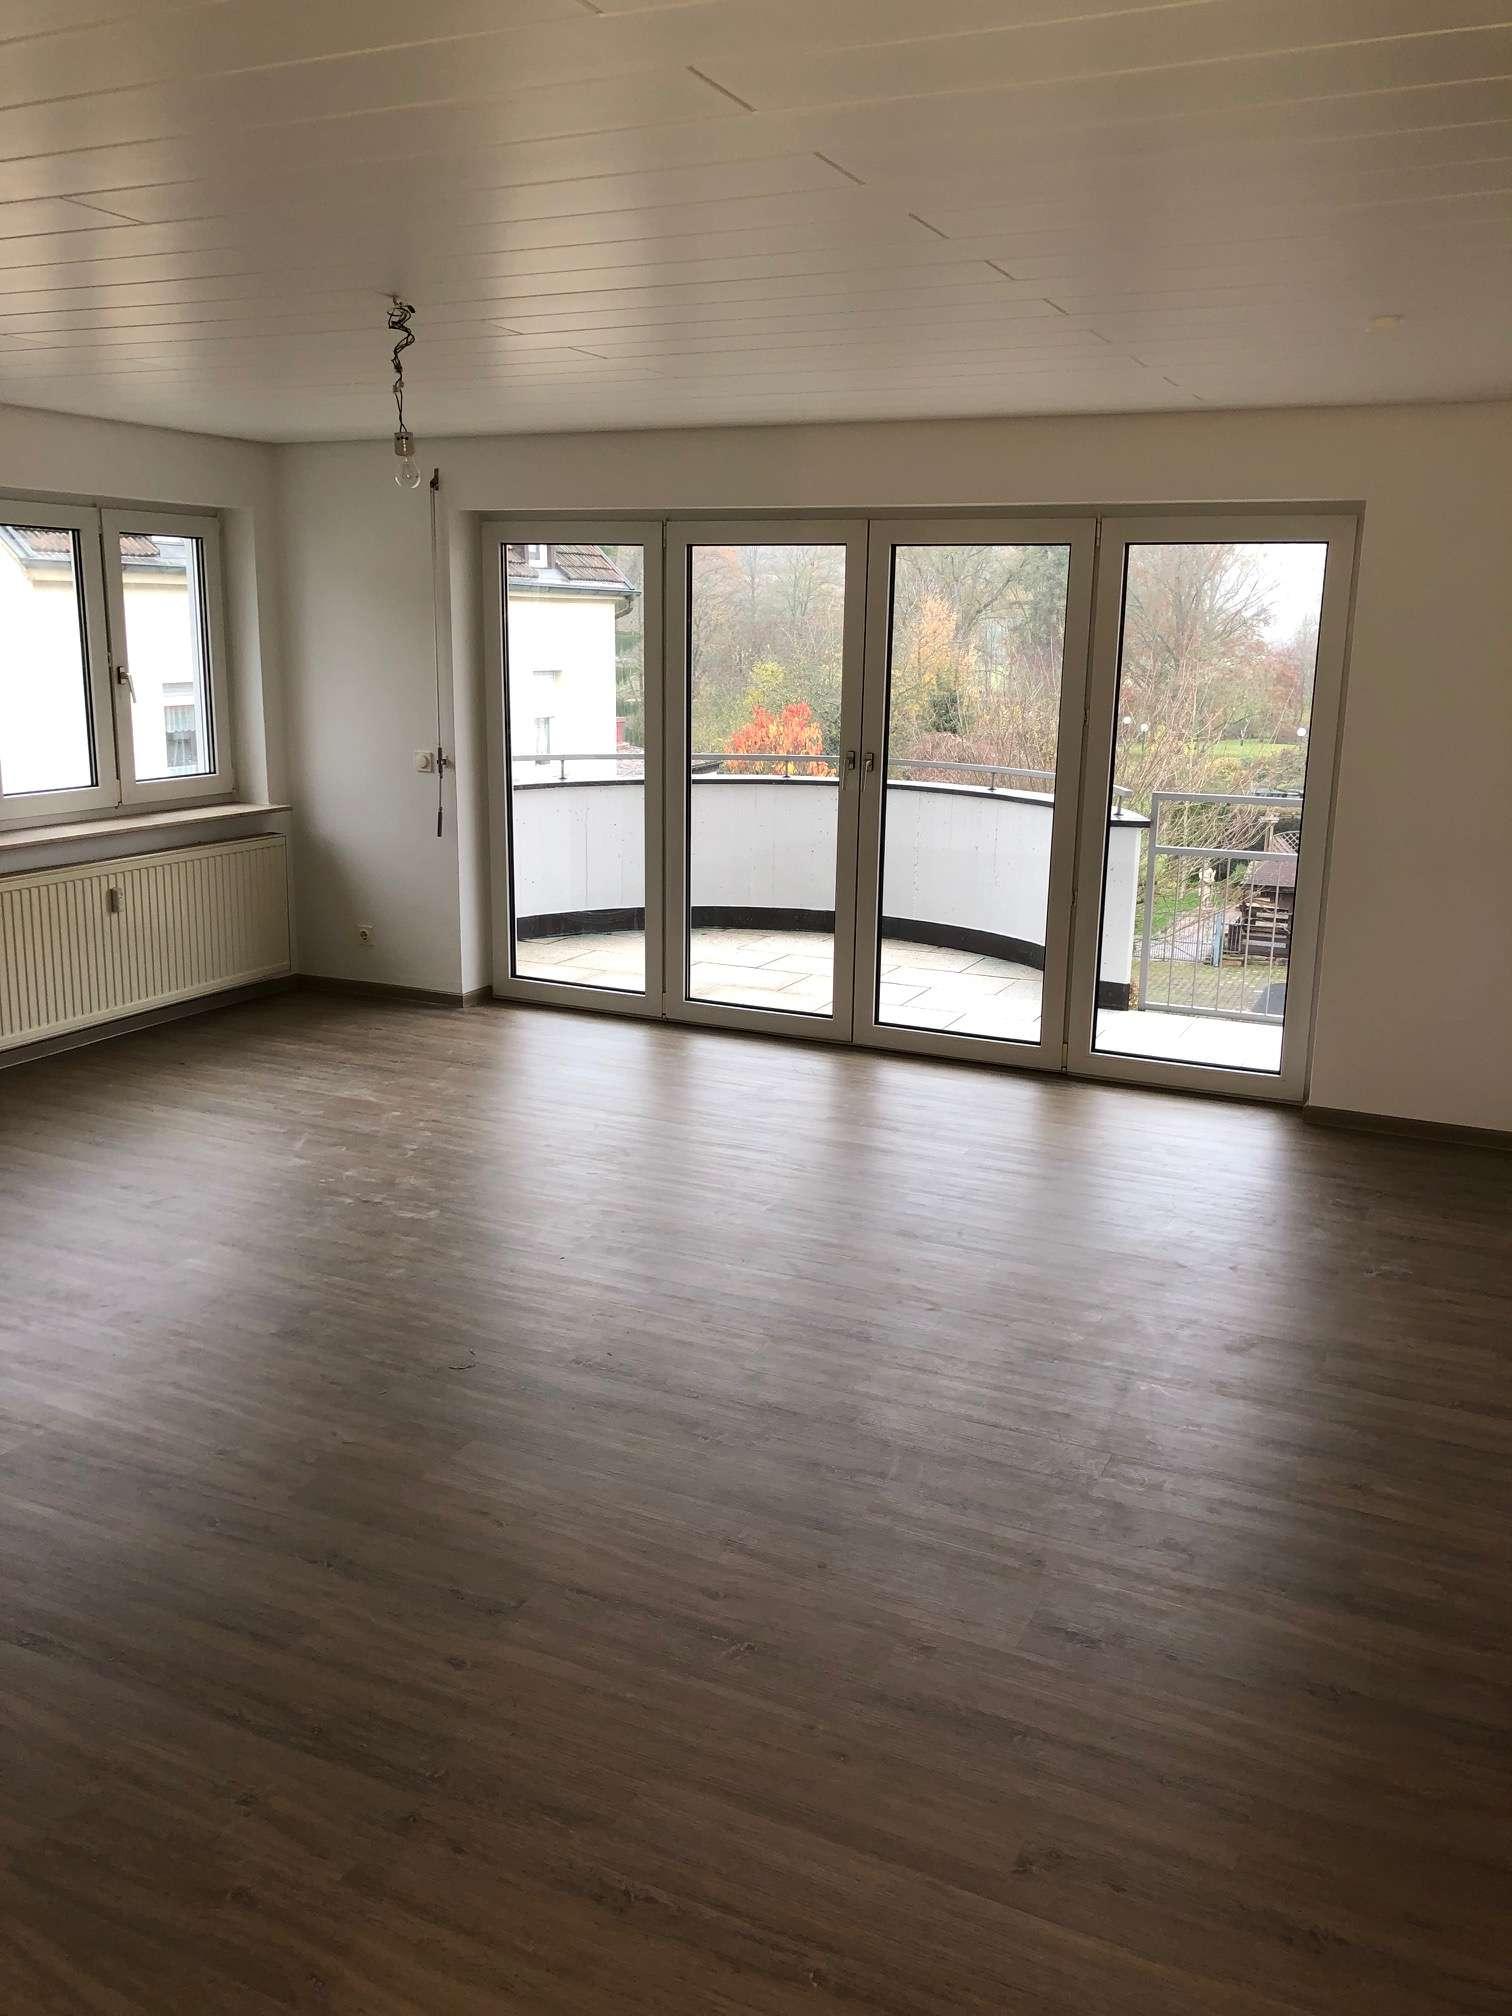 Attraktive 2-Zimmerwohnung mit neuer Einbauküche und Lift im Zentrum, Nähe Rosengarten in Bad Kissingen